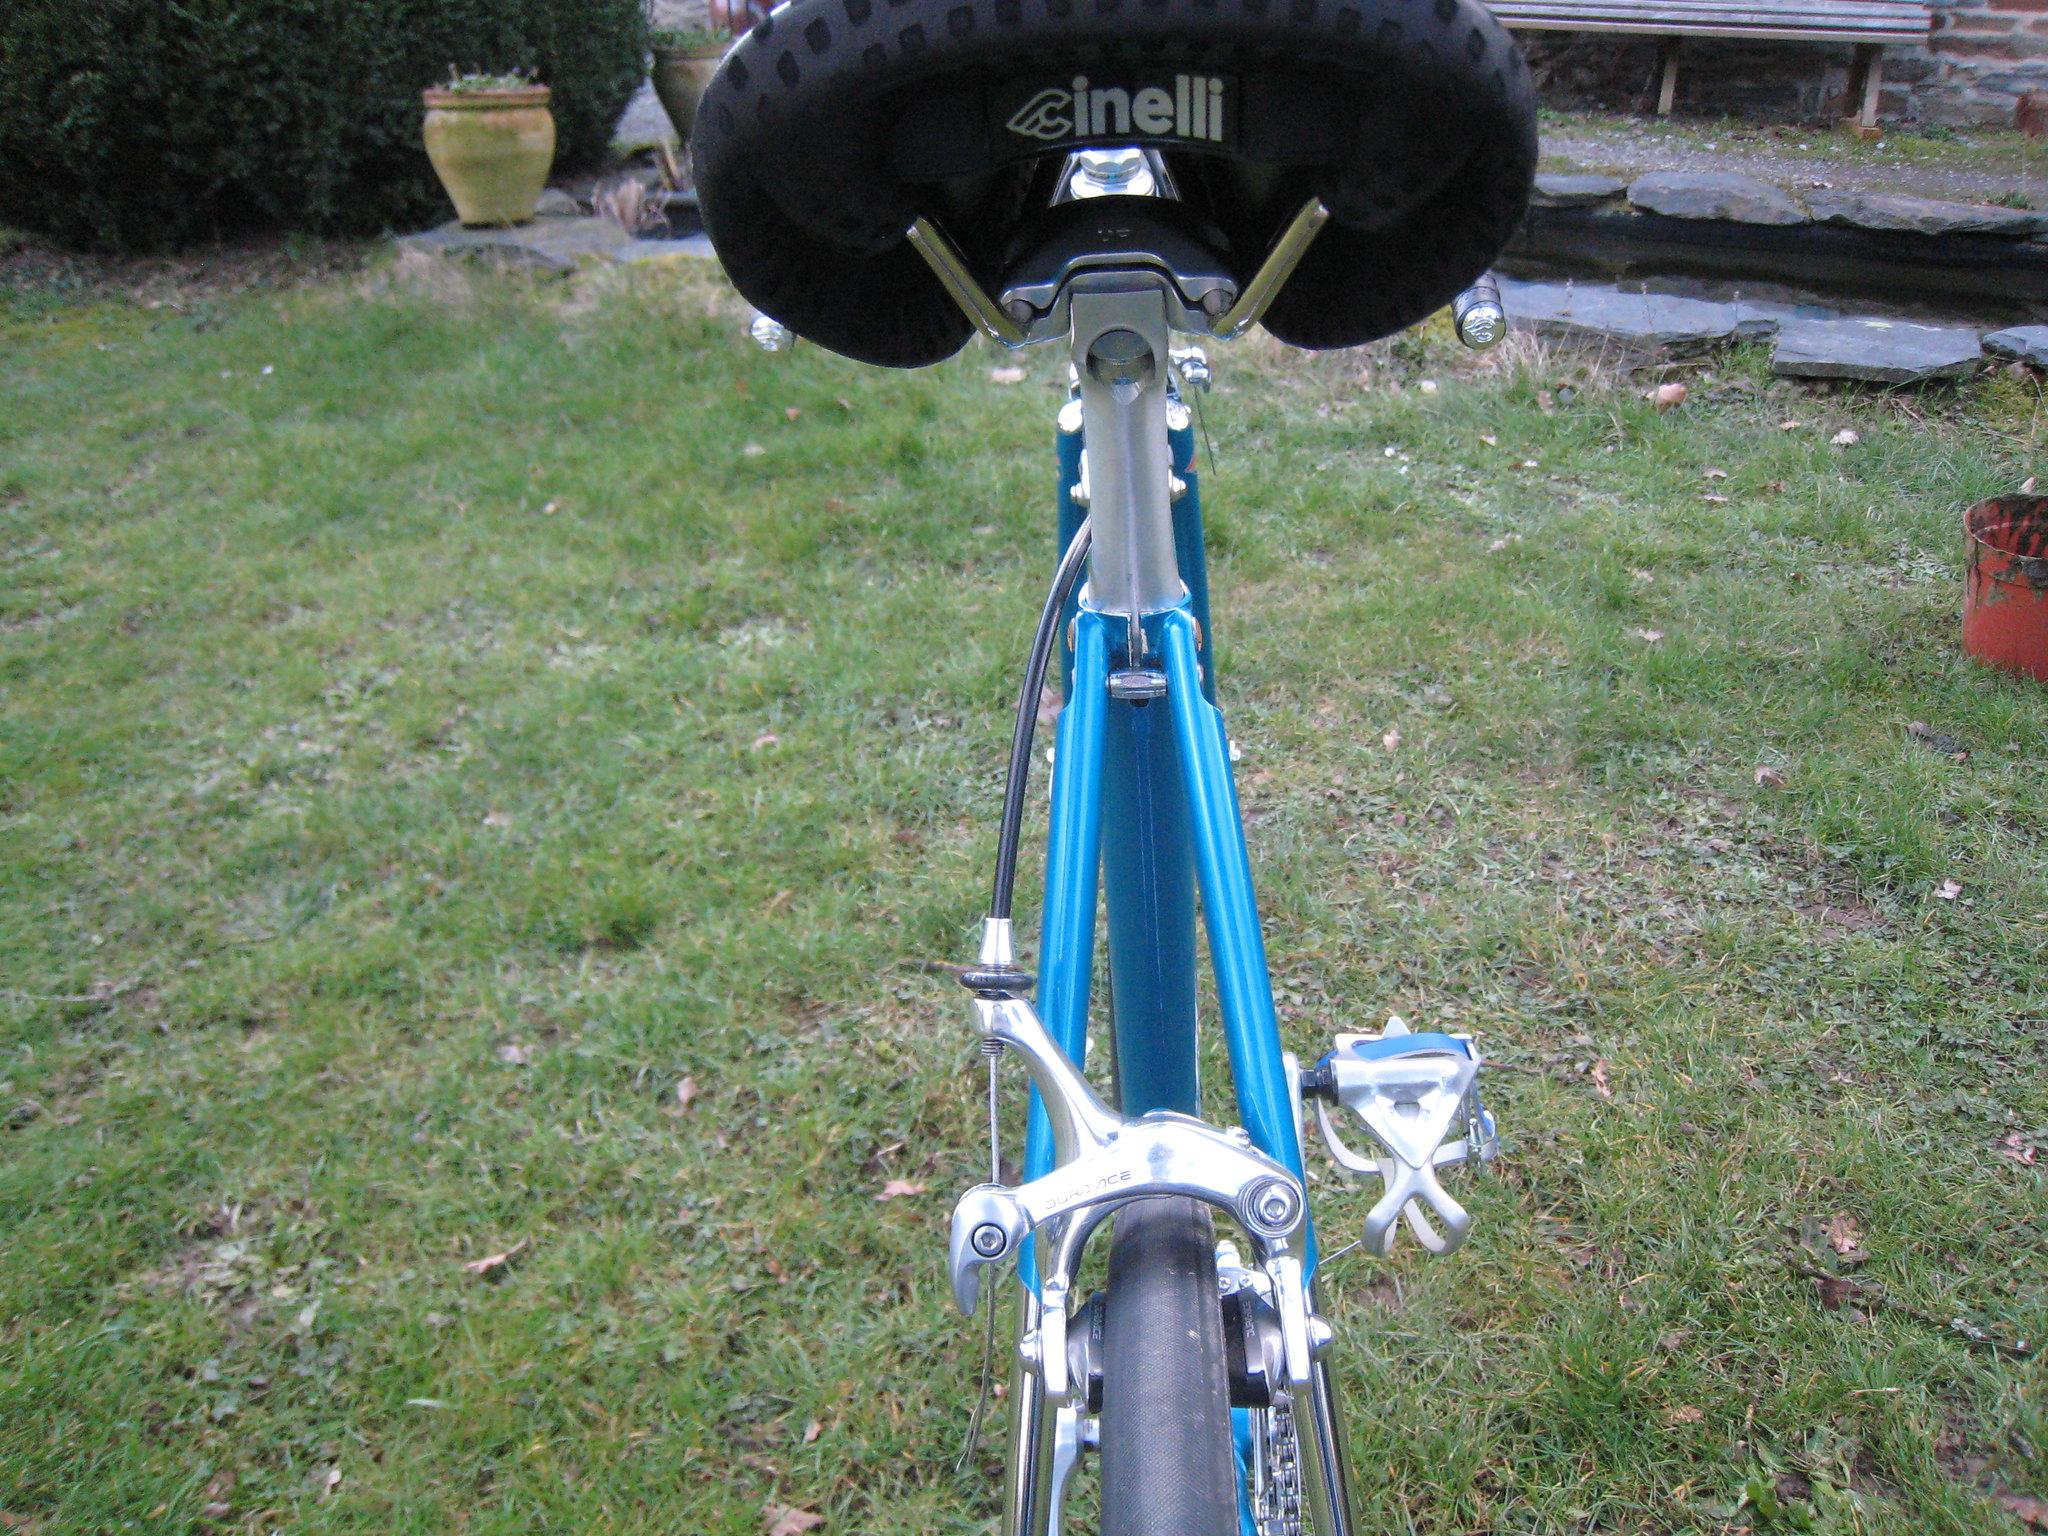 Cinelli Super Corsa. Une semaine un vélo. 40765370862_6a1184b0c8_k